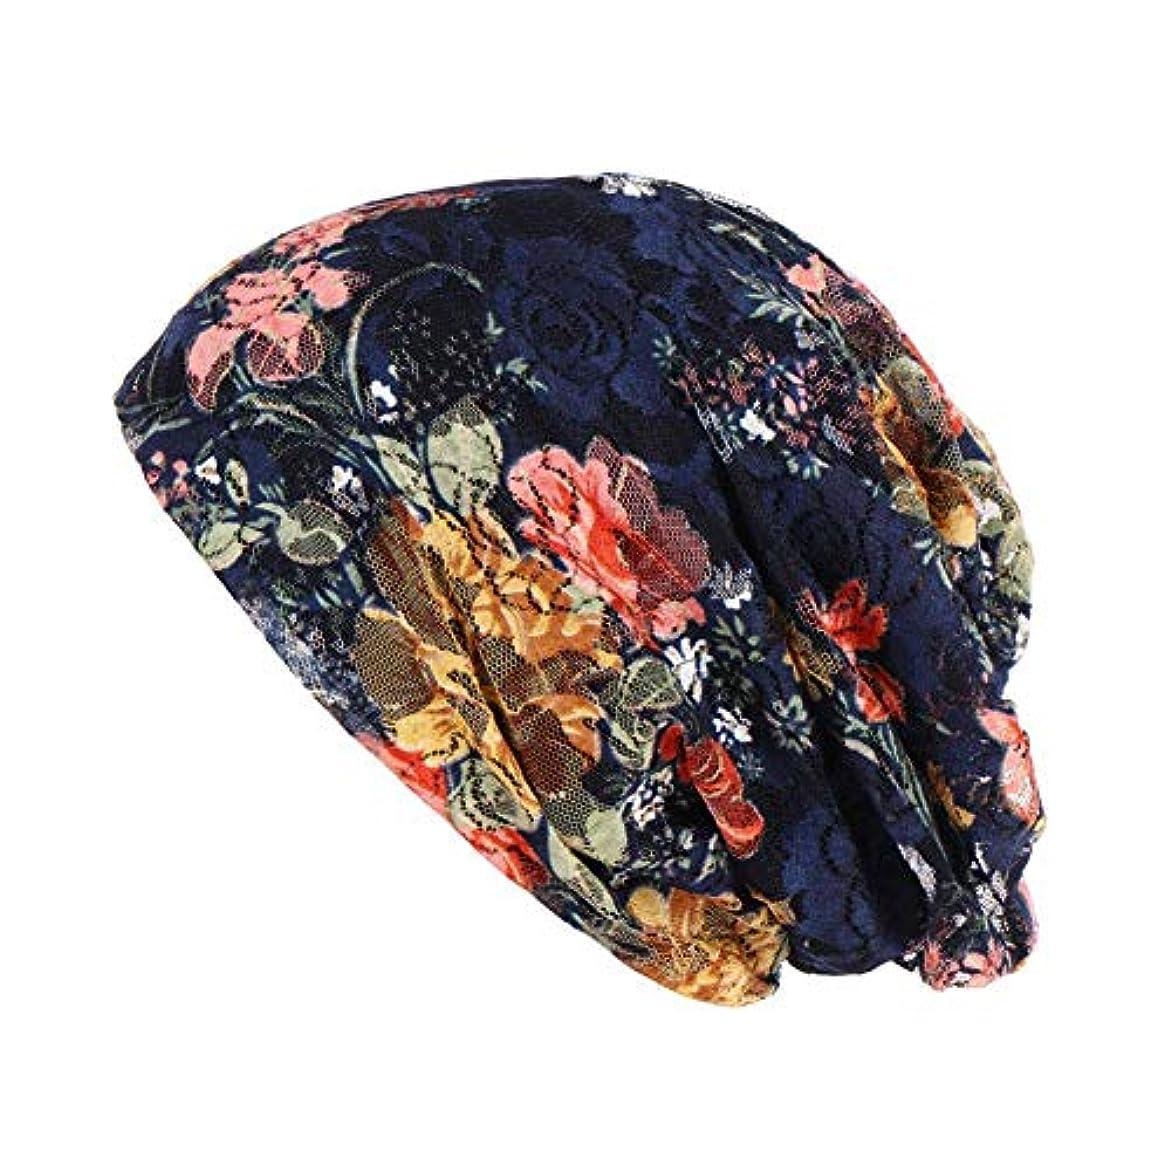 取り出すバックアップパウダーヘッドスカーフ レディース ビーニーハット レディース 柔らかい 多用途 頭飾り 軽量 通気性 眠り、化学療法 、 キャンサーと脱毛症